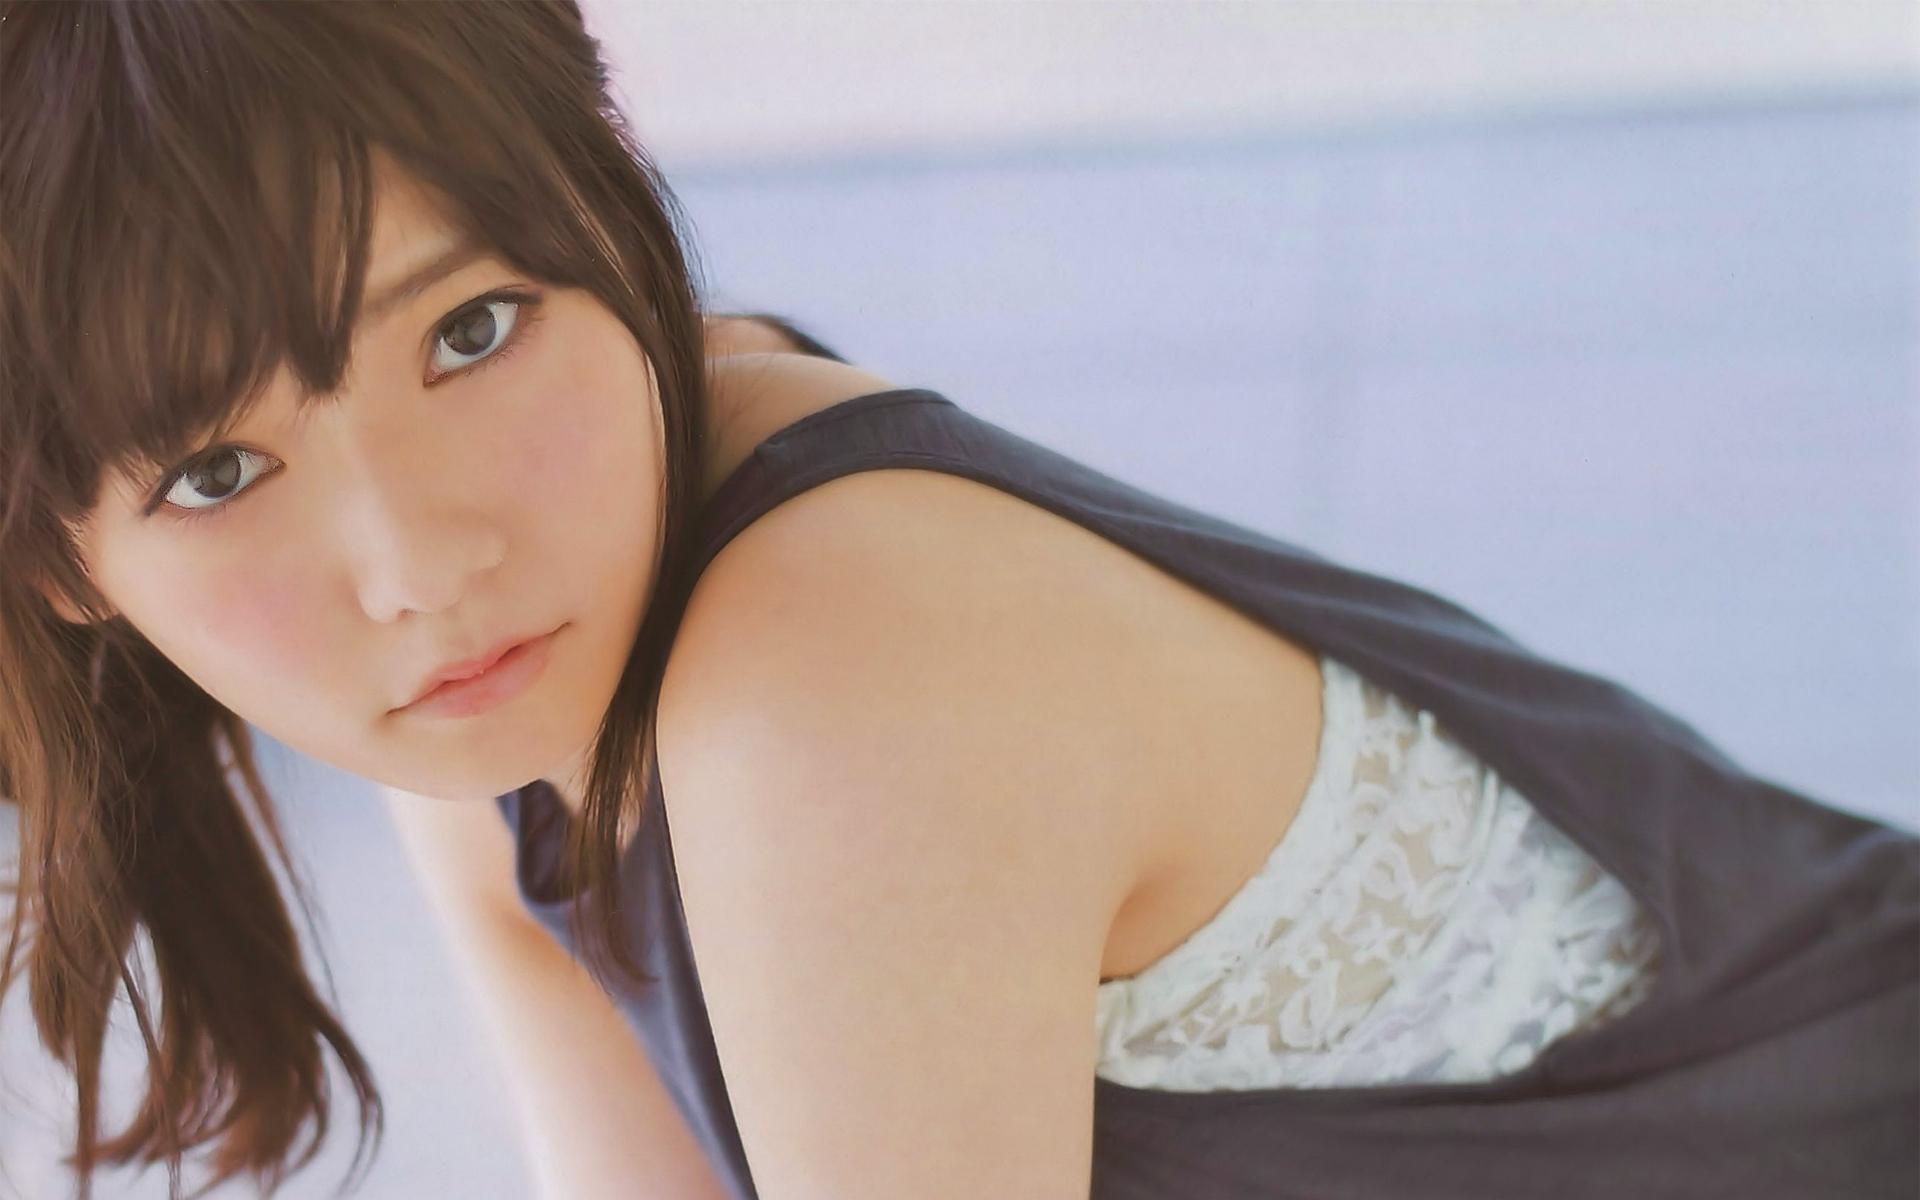 幅広く活躍中の可愛いAKB48の島崎遥香さんについてまとめます。のサムネイル画像